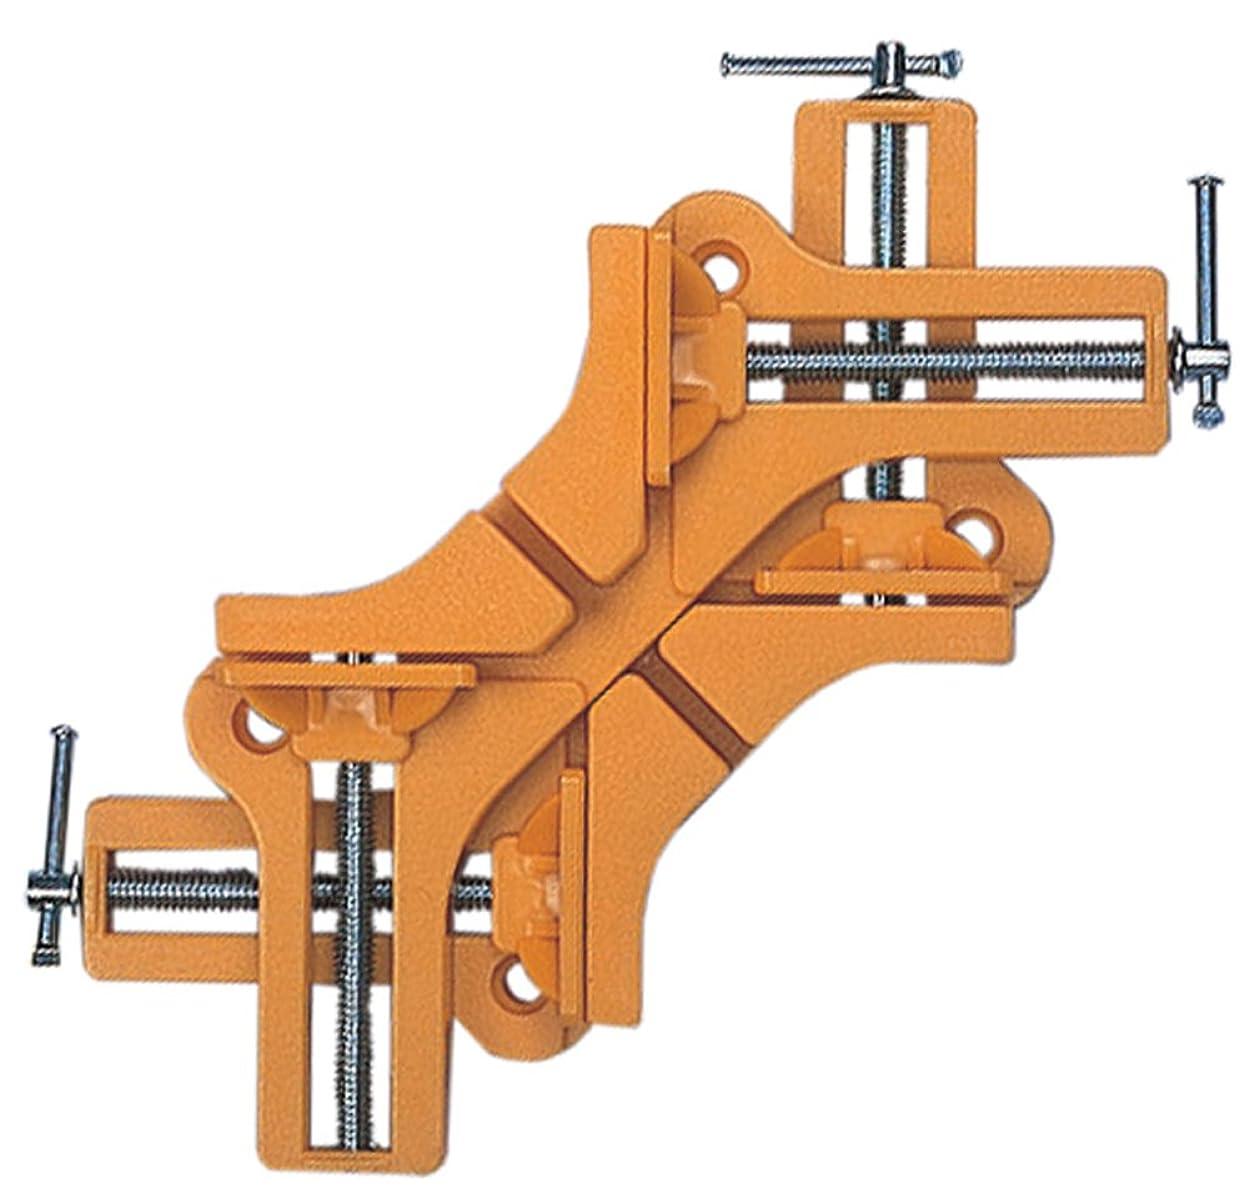 十年調整可能移動するスリーアキシス(three axis) 2ピース コーナークランプ プラスチック製 14335